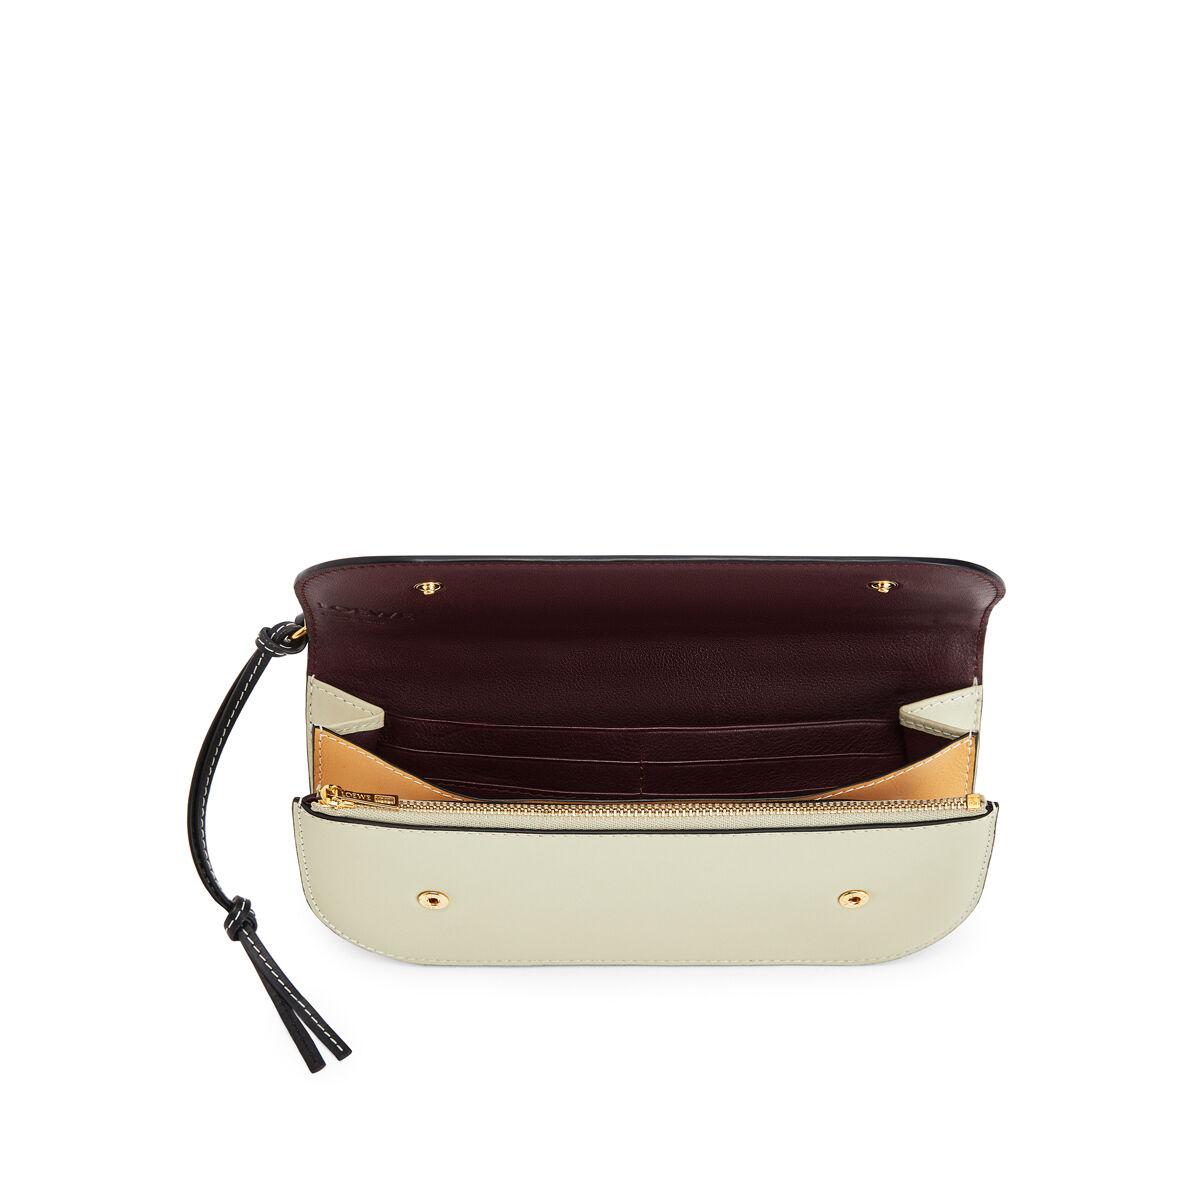 LOEWE Gate Pochette Gold/Light Olive front